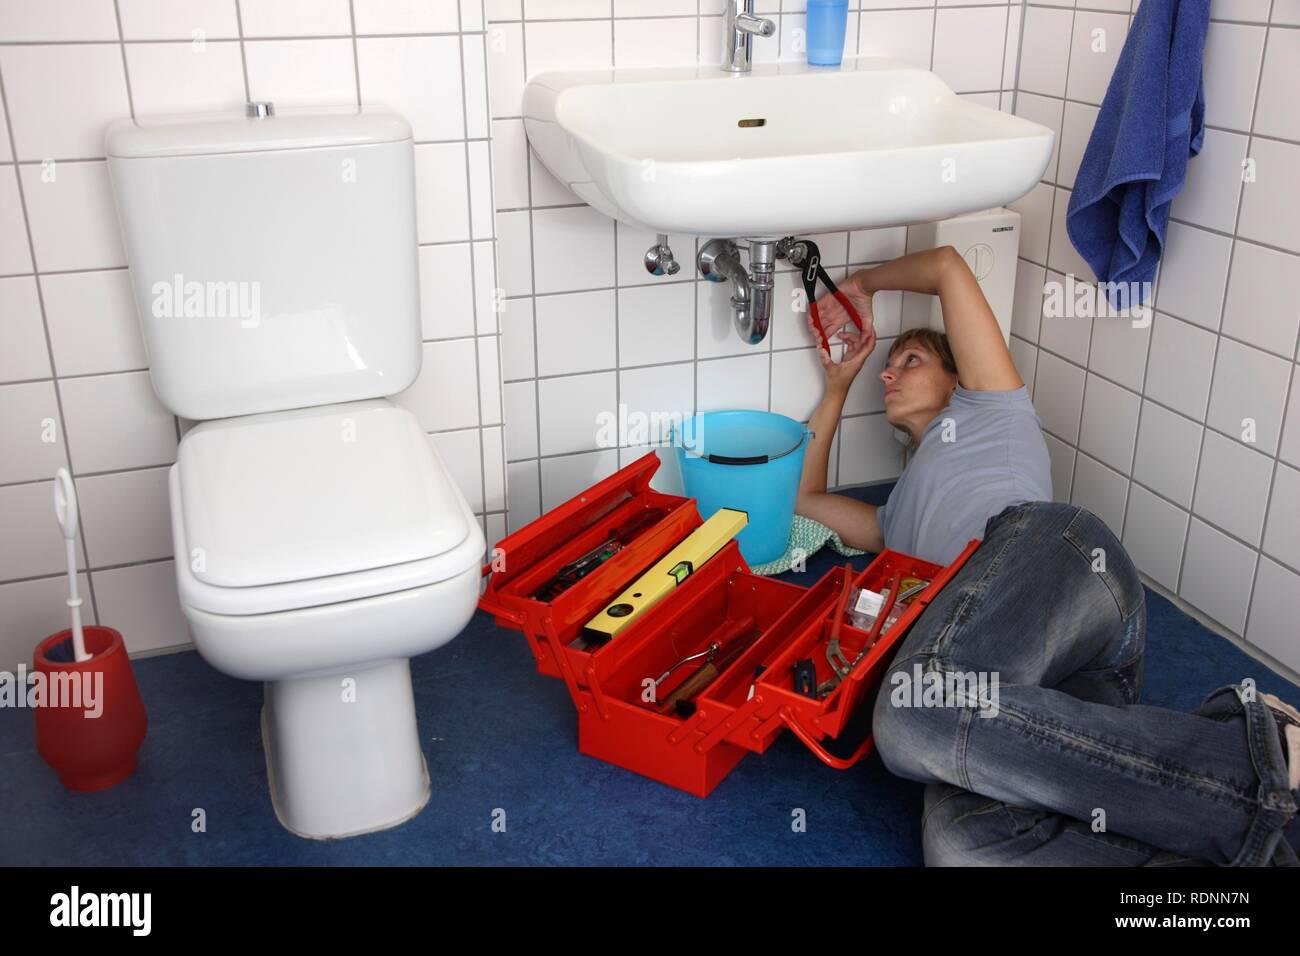 Giovane donna la riparazione di un guasto rubinetto di acqua in un bagno Immagini Stock